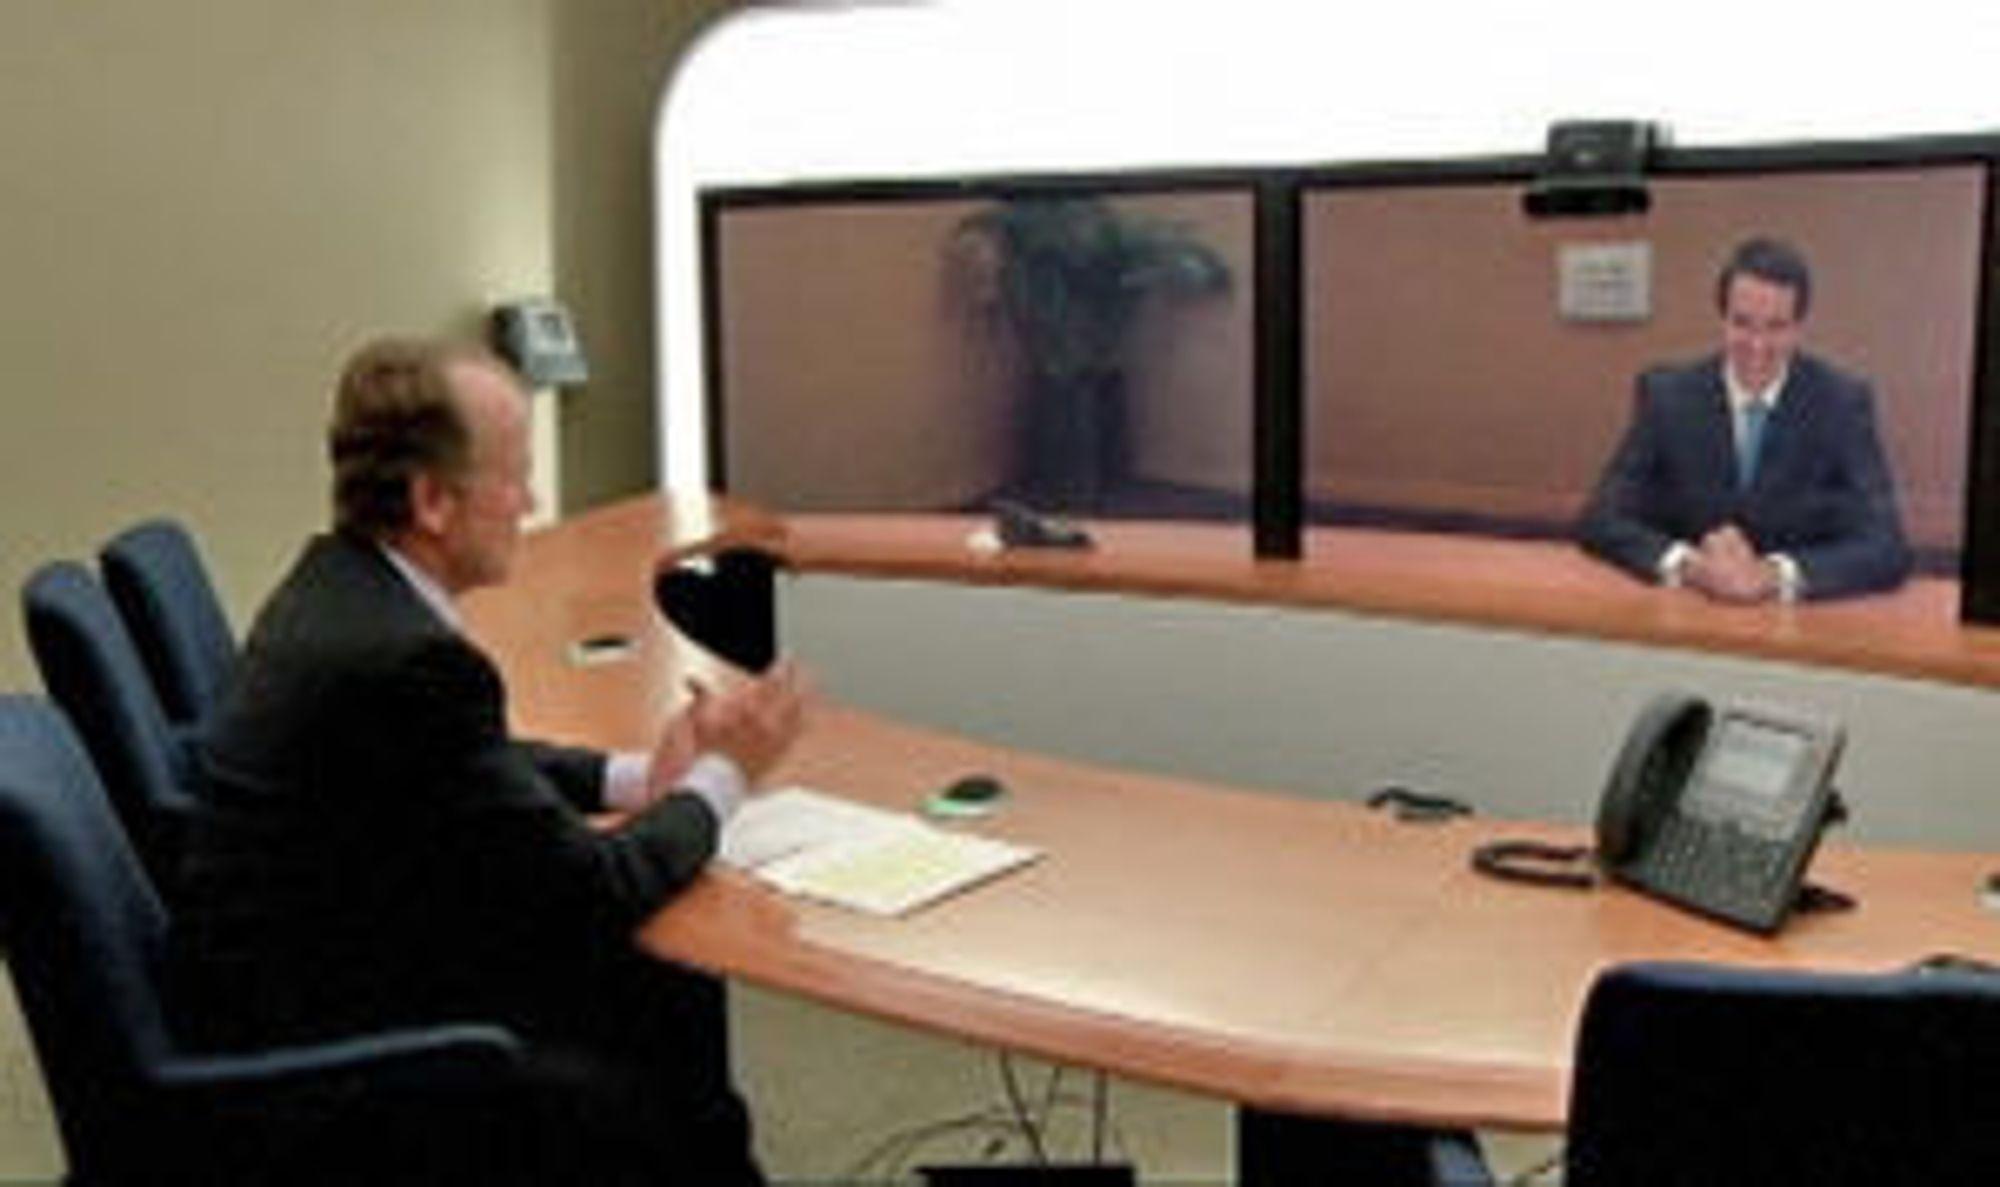 John Chambers og Fredrik Halvorsen bruker Cisco-utstyr i den offisielle videoen om Ciscos kjøp av Tandberg.